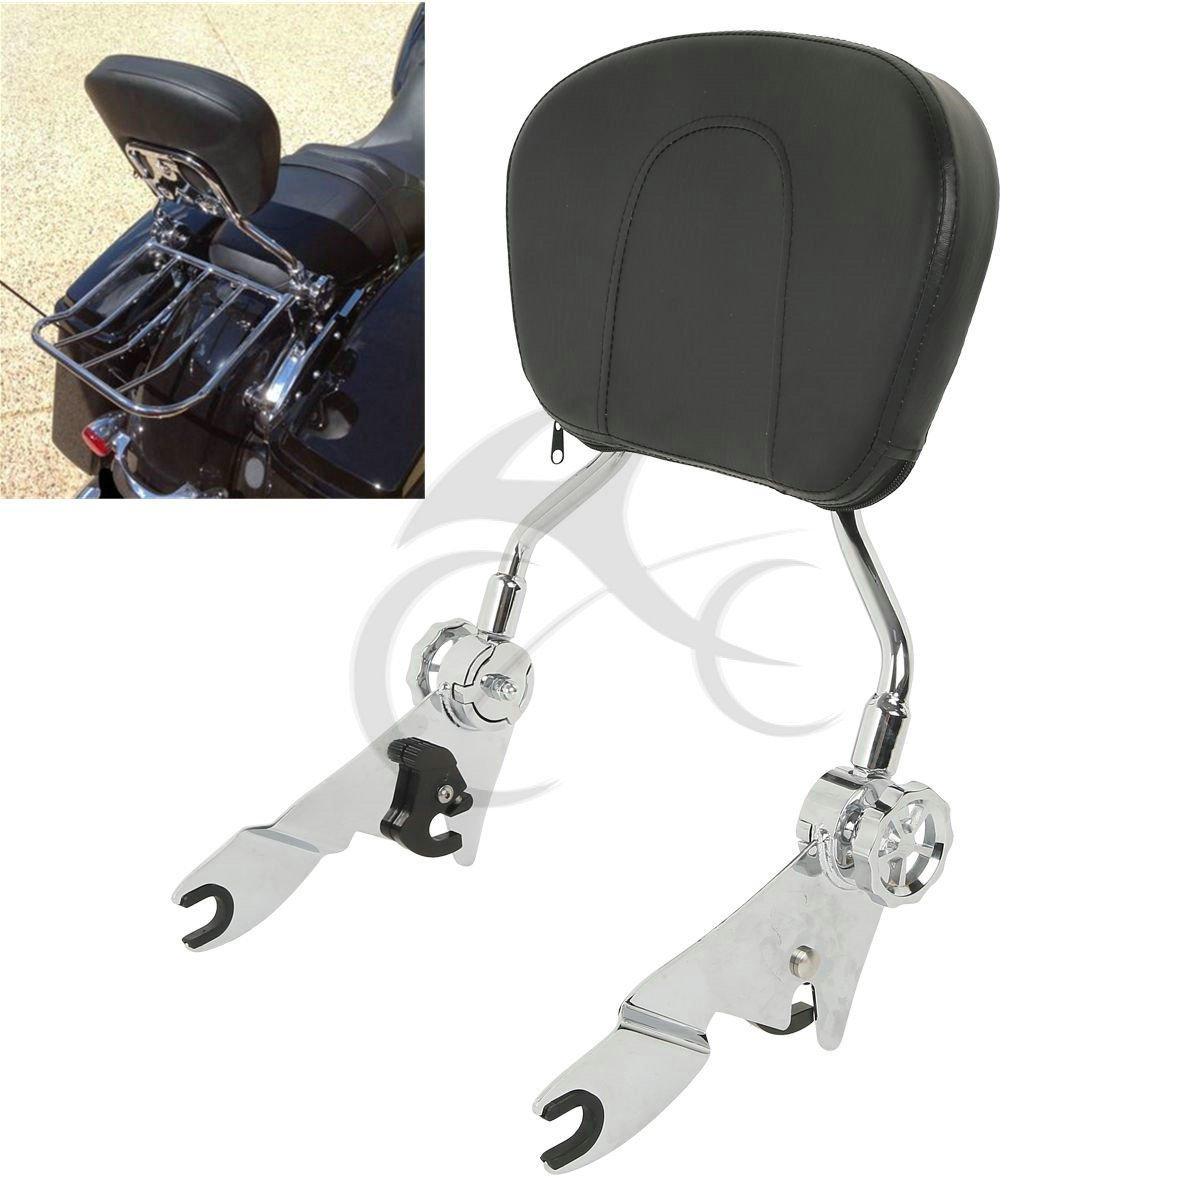 TCMT Detachable Backrest Sissy Bar For Harley Touring FLHR FLHX FLHT FLTR 2009-2018 (Chrome)